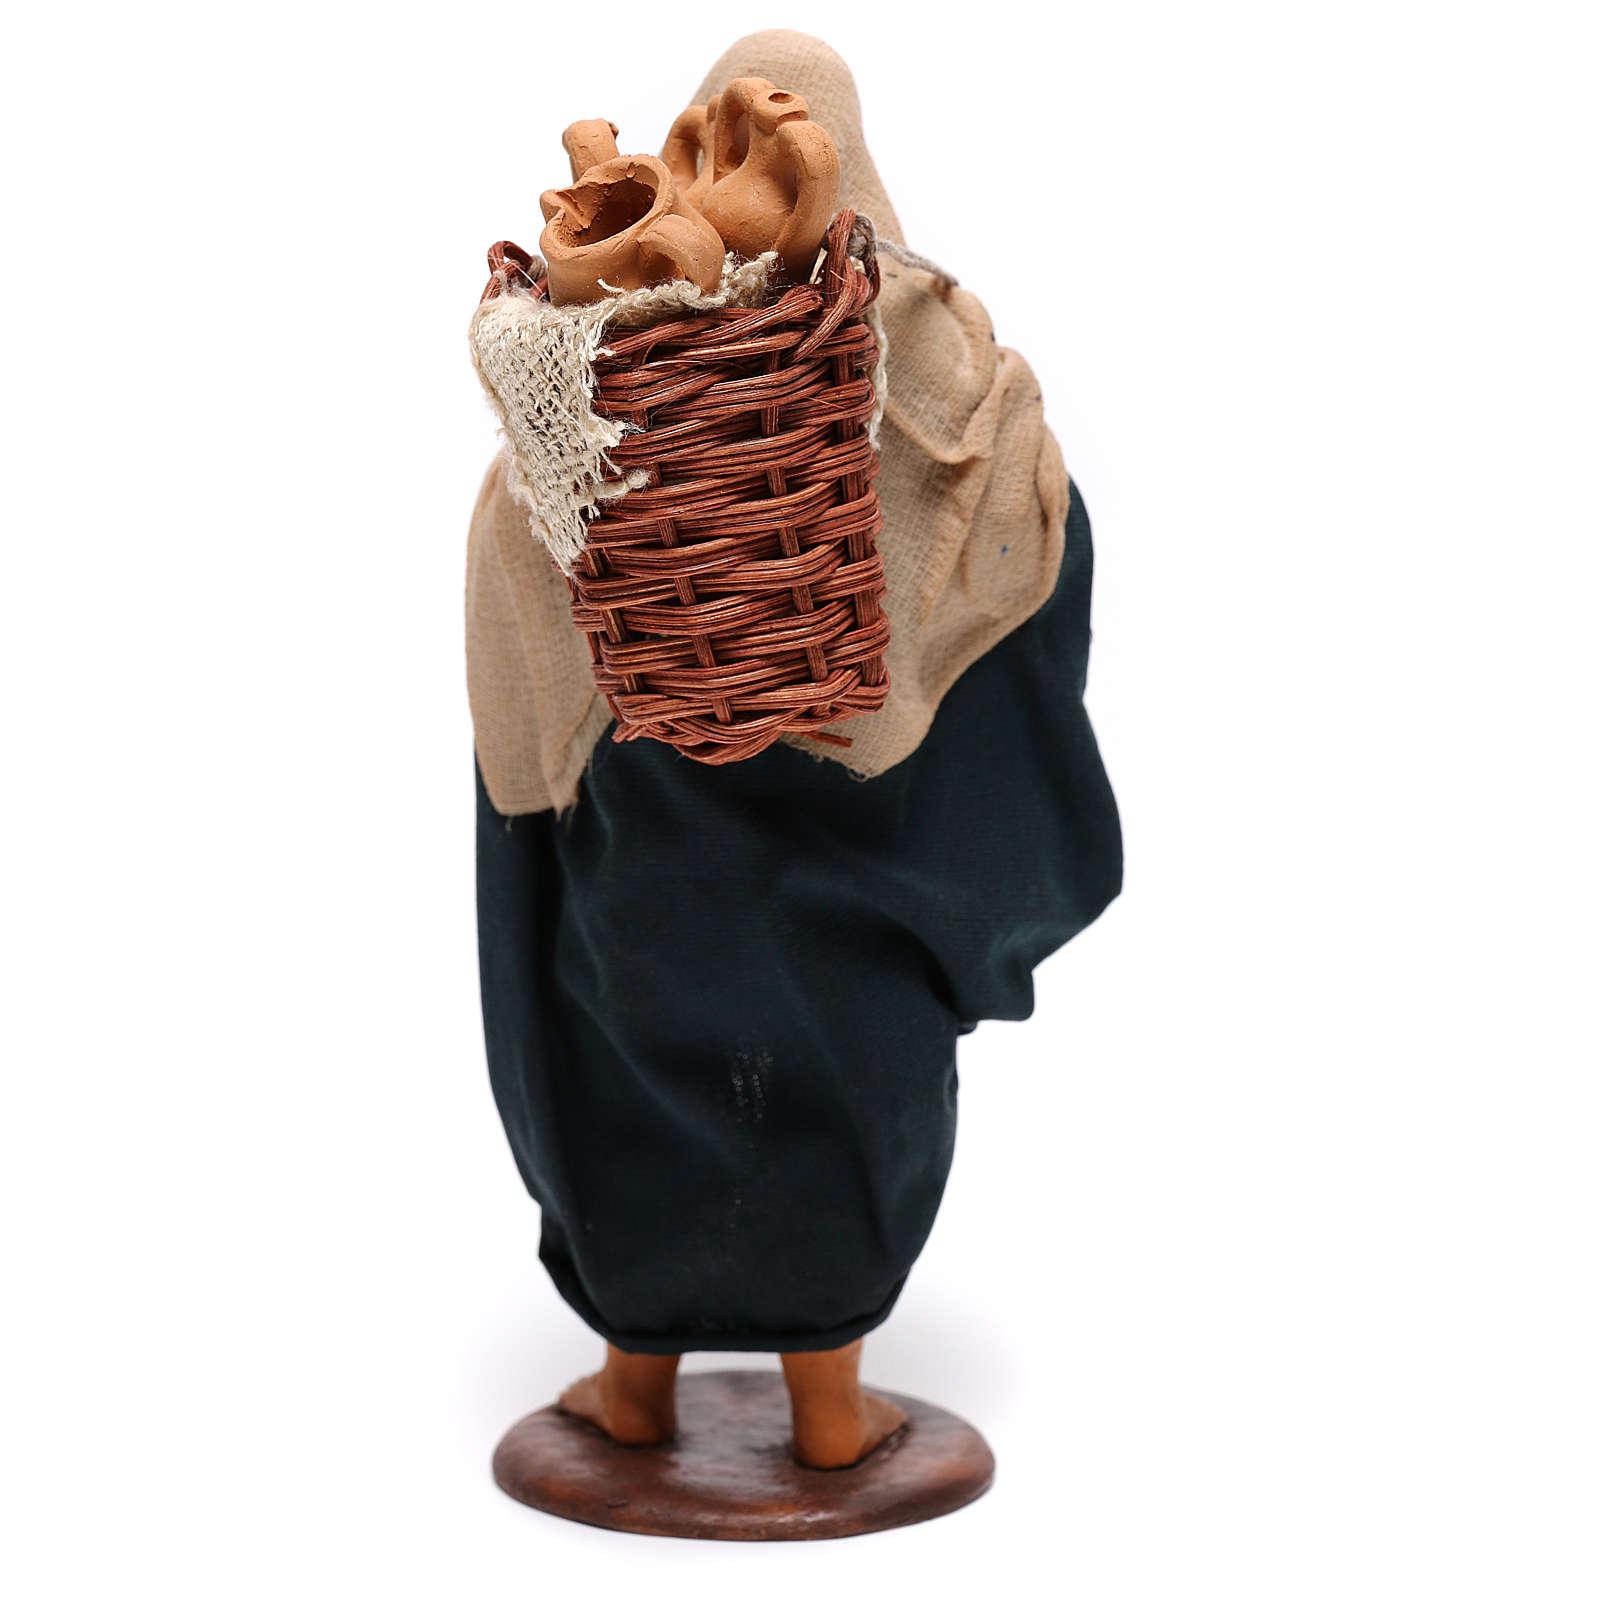 Hombre con ánforas en las cestas belén de Nápoles 14 cm de altura media 4